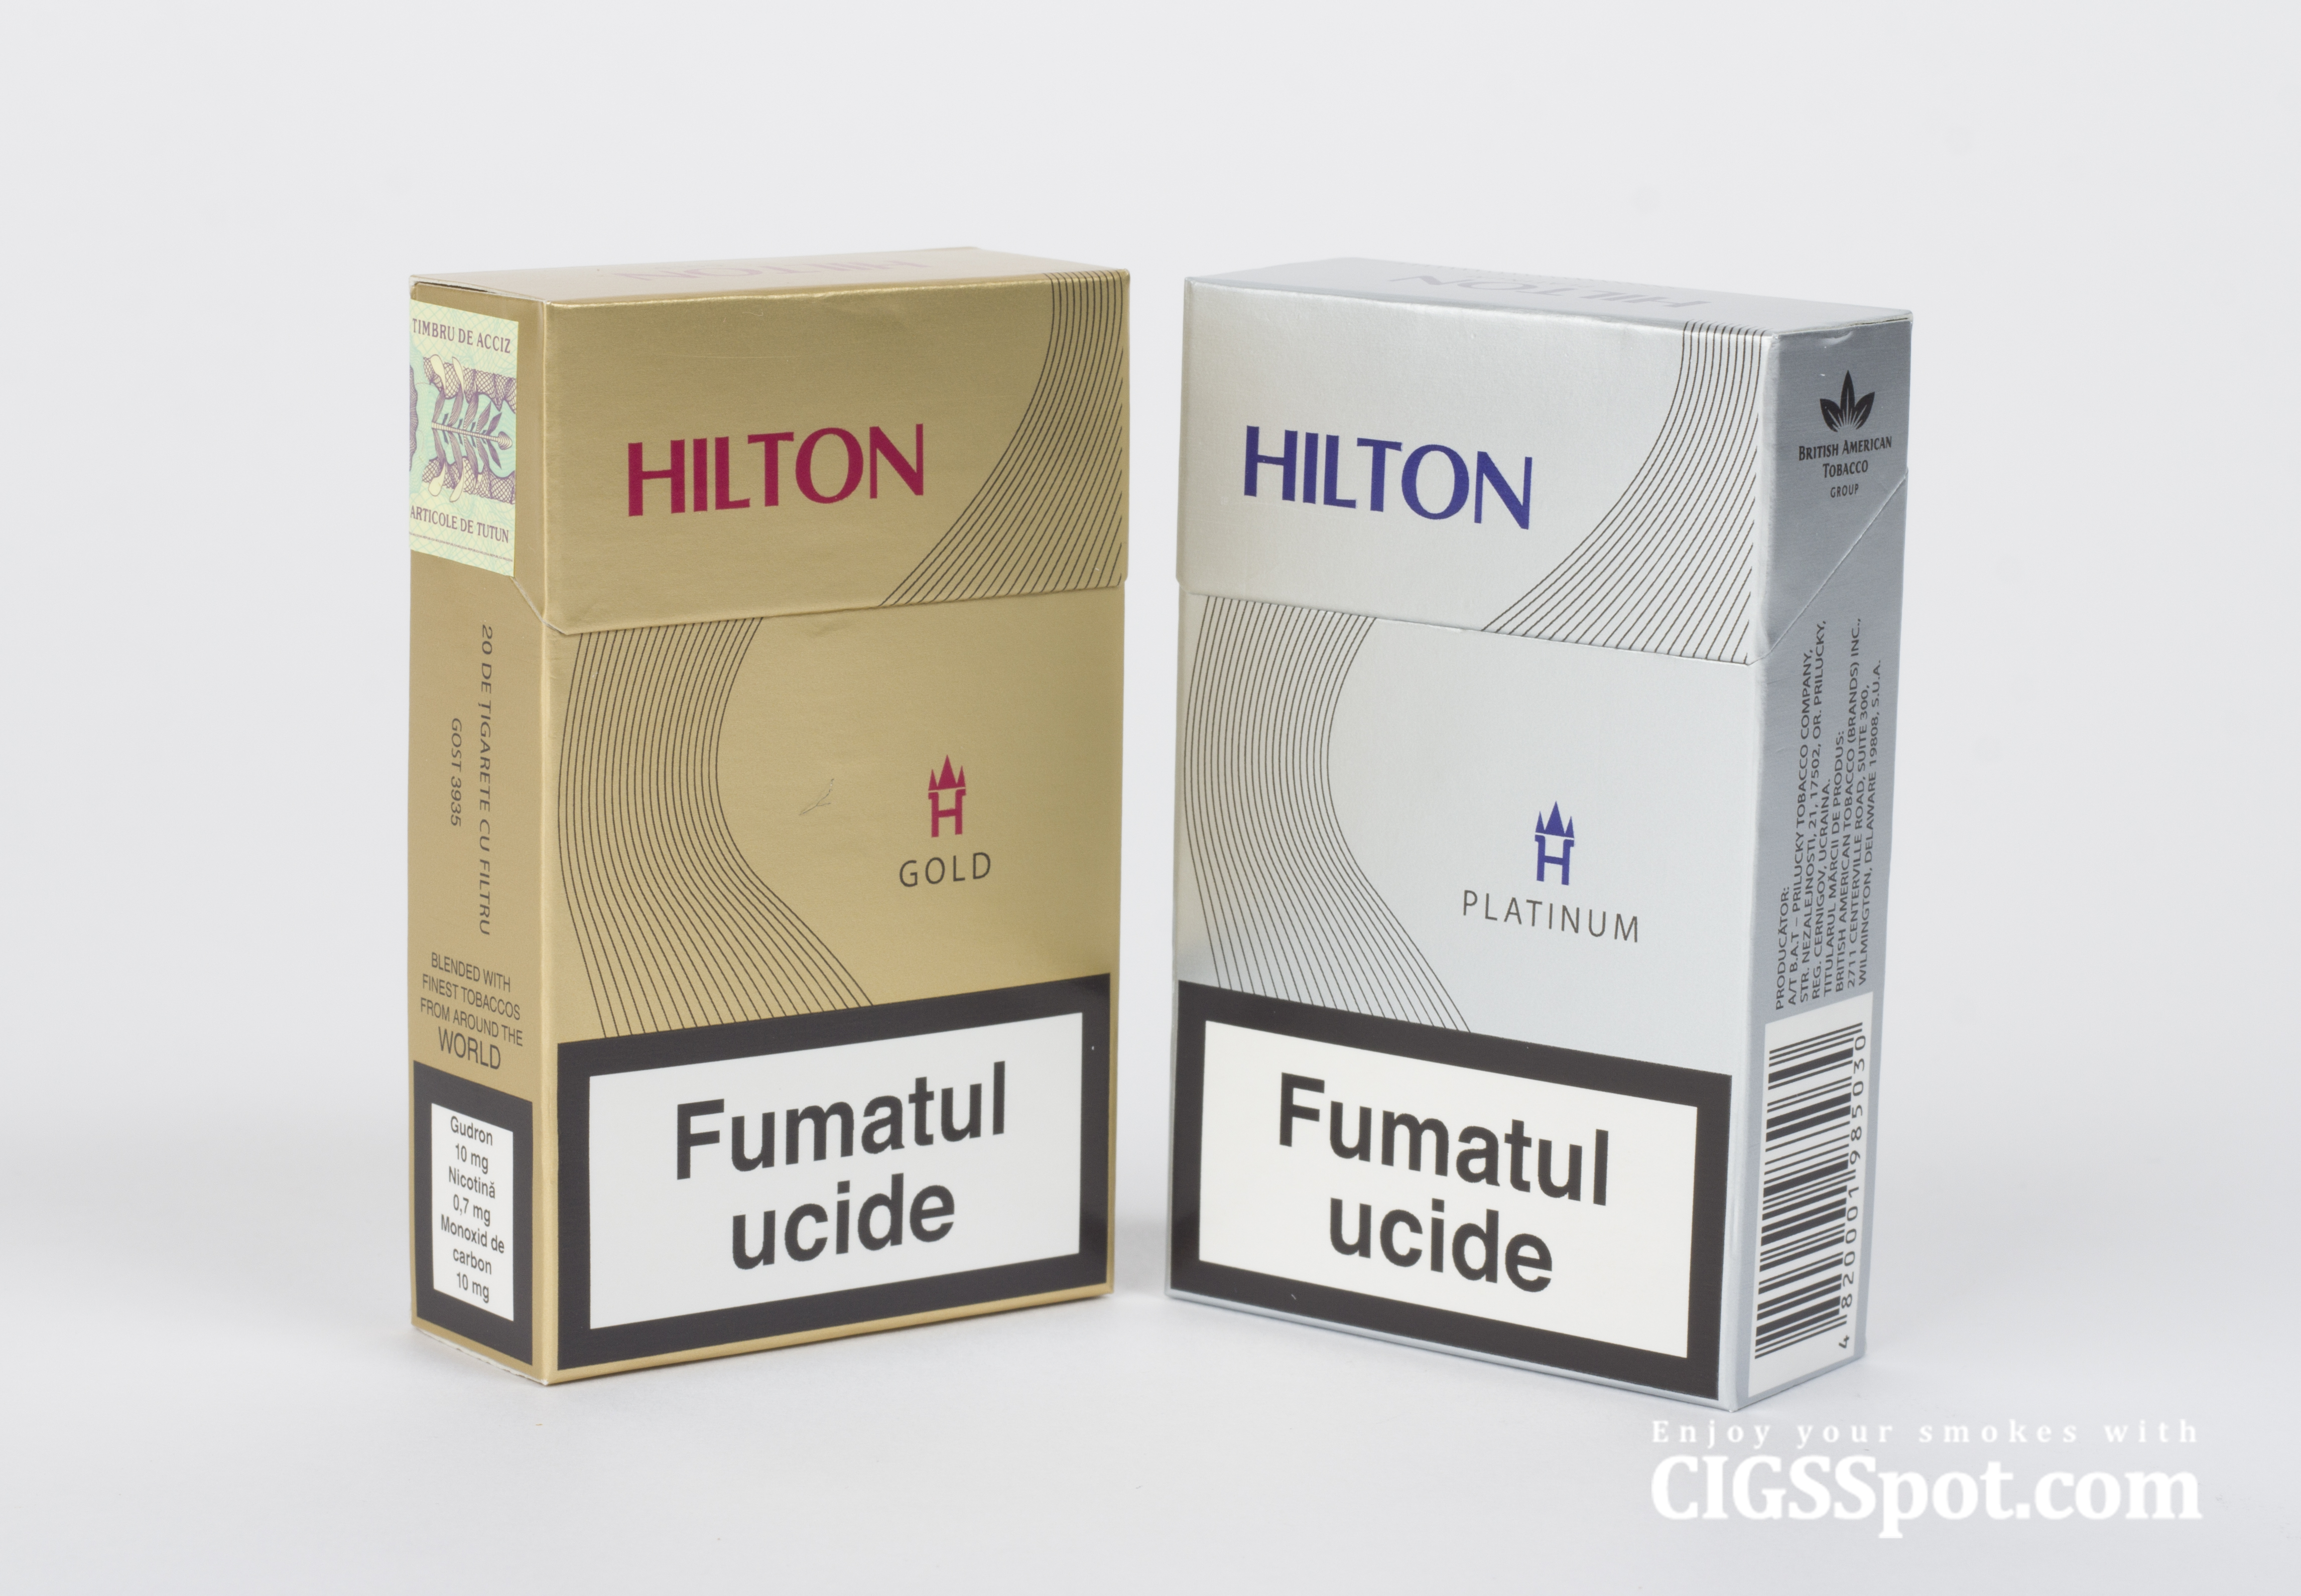 Hilton Cigarettes